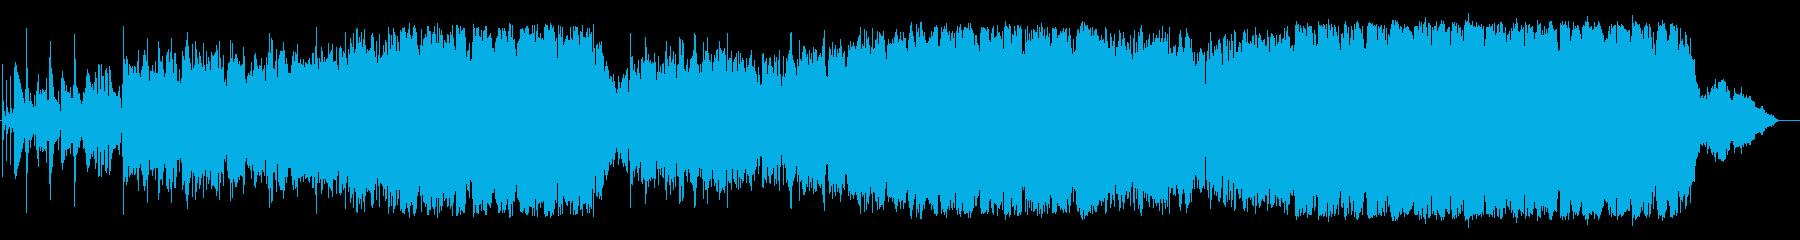 3拍子のフリーソウル風作品の再生済みの波形